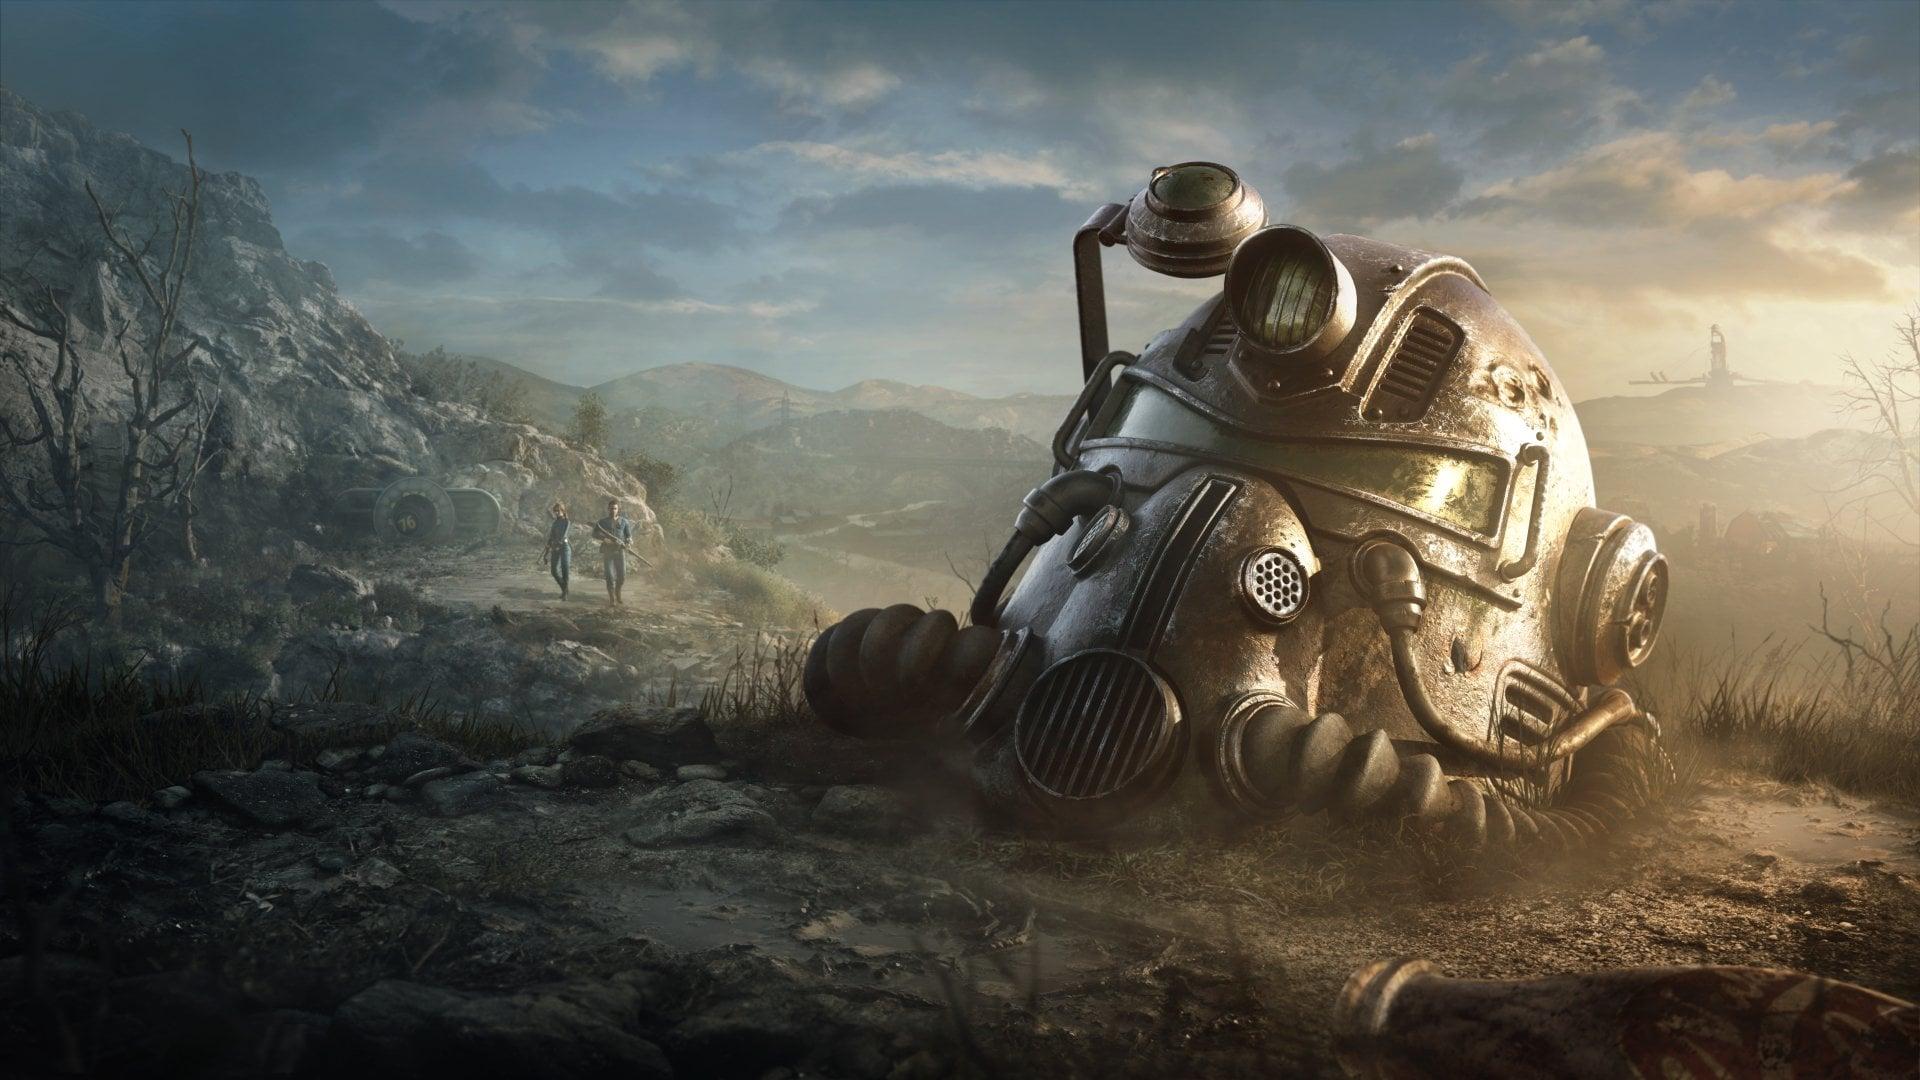 Fallout 76 edycja kolekcjonerska, czyli kompromitacji Bethesdy ciąg dalszy 23